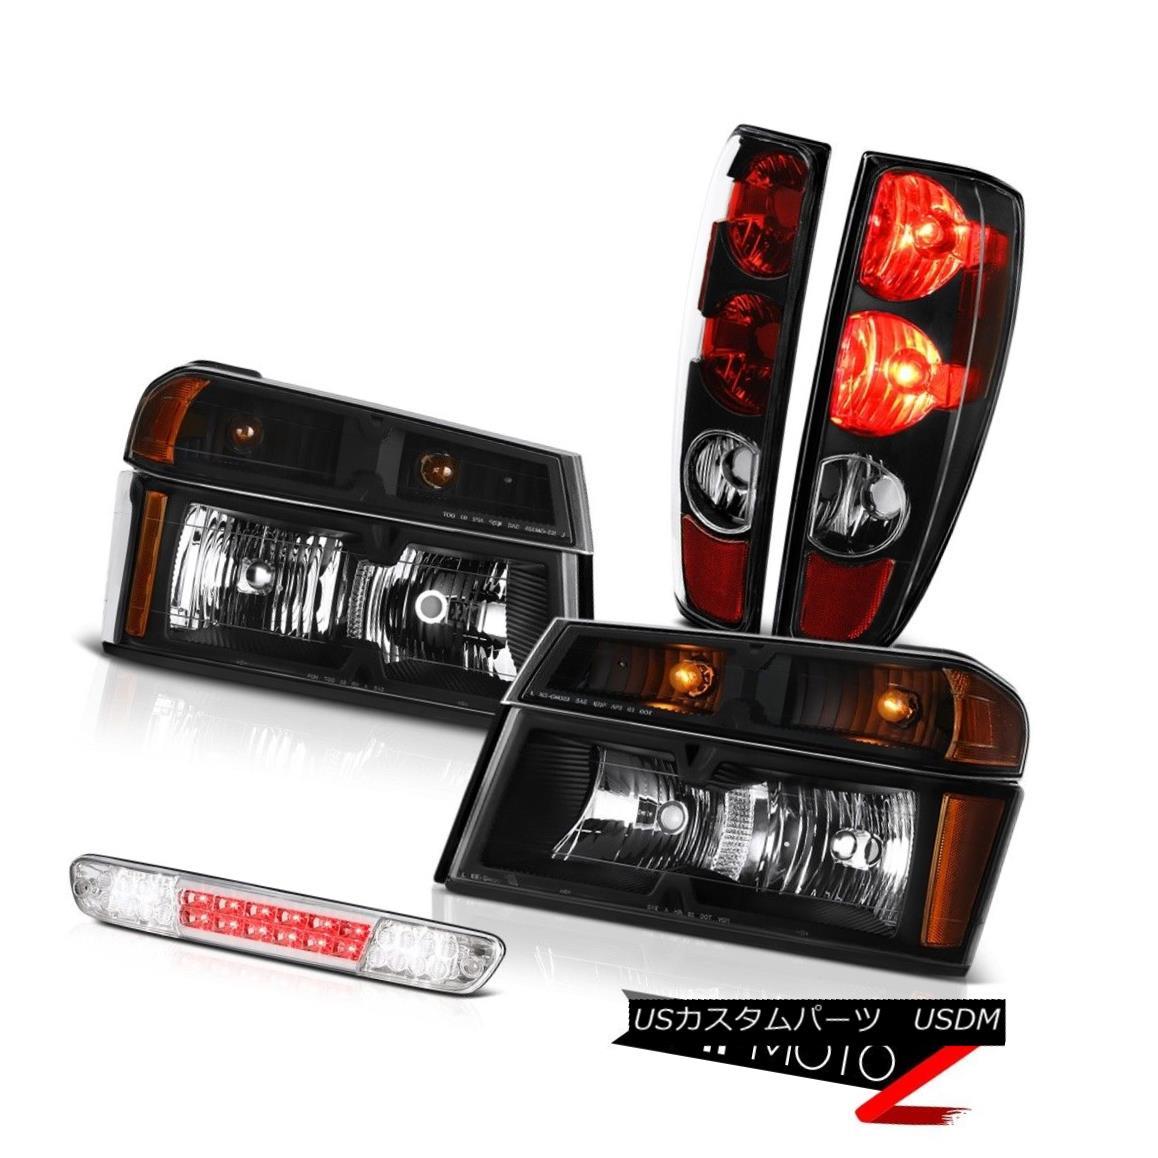 テールライト 04-08 09-12 Colorado Matte Black Tail Light Set Head Euro Clear Third Brake L+R 04-08 09-12コロマットブラックテールライトセットヘッドユーロクリア第3ブレーキL + R